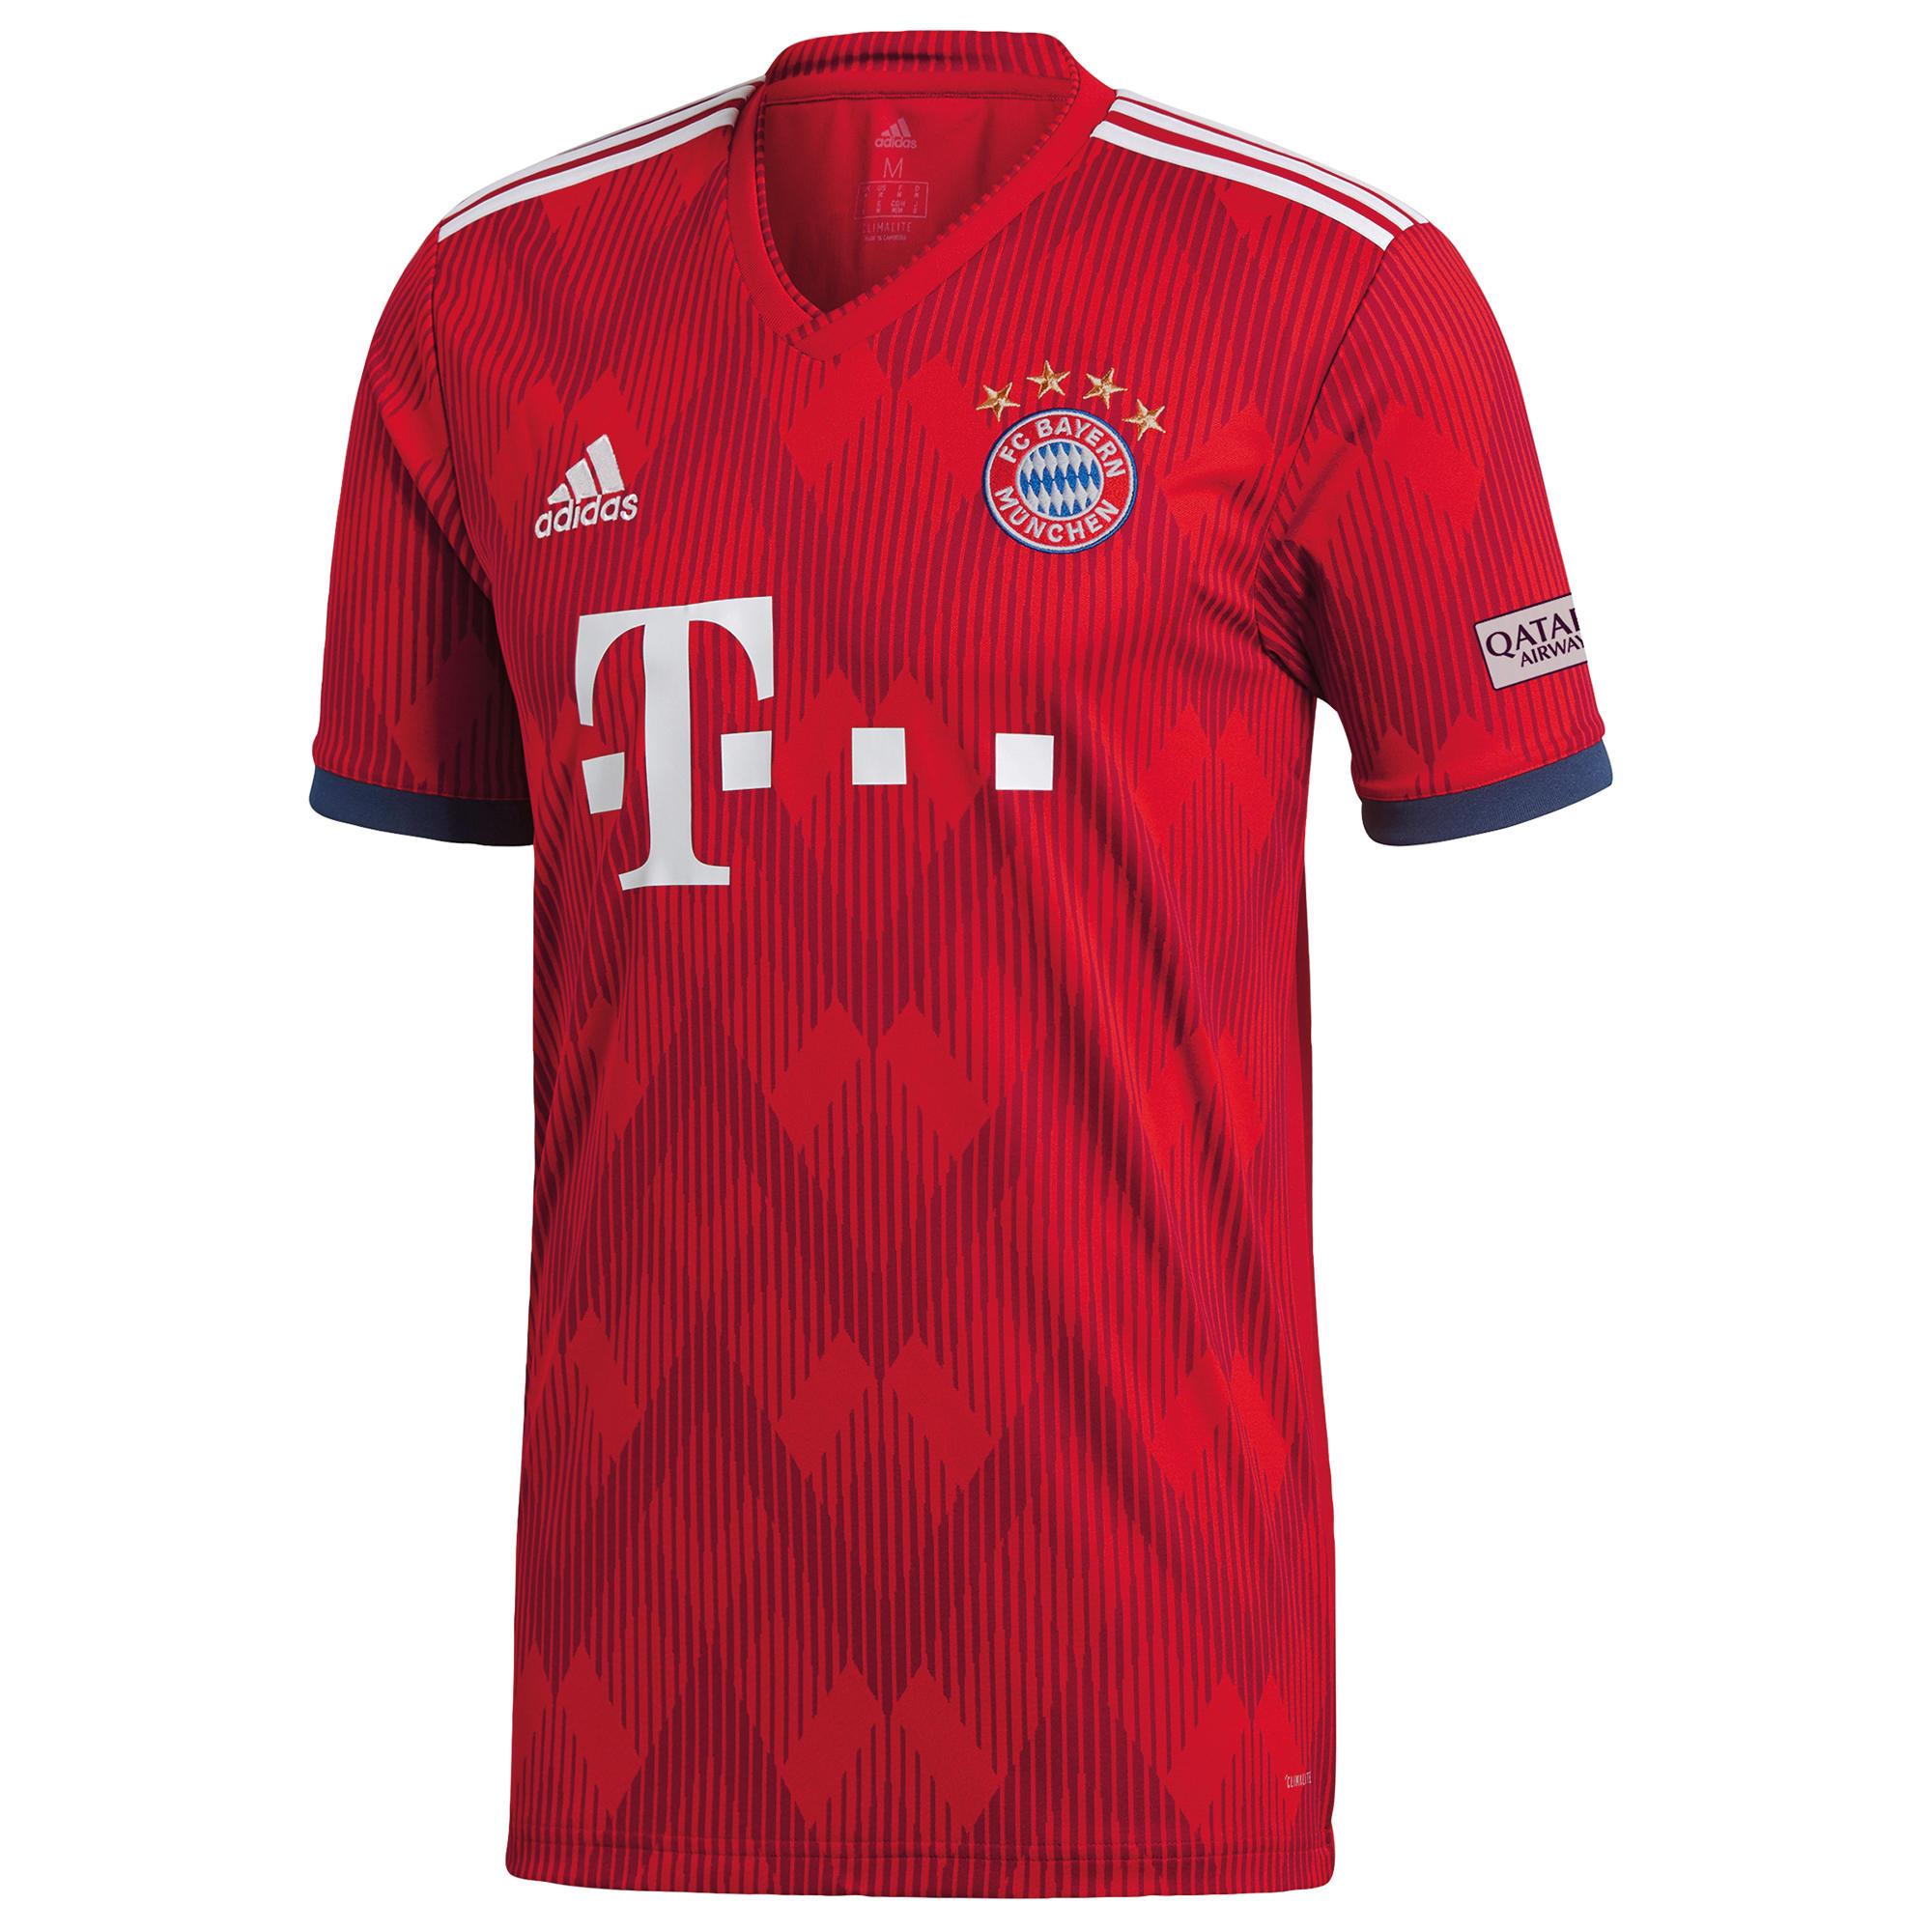 Comprar Camisetas de Fútbol para Adultos y Niños  fbf6598e630